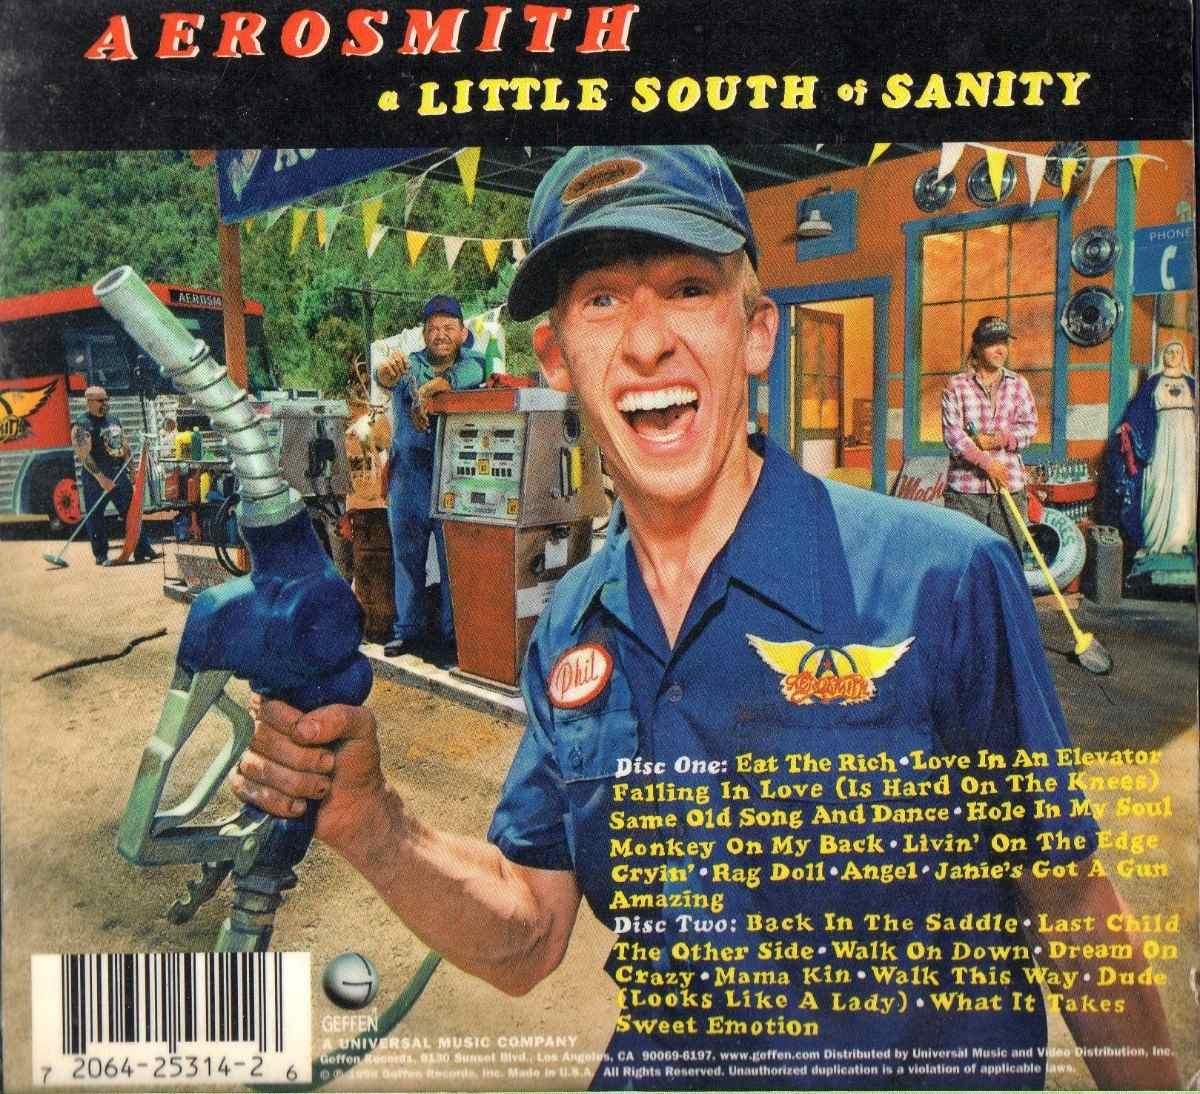 Aerosmith sweet emotion album cover